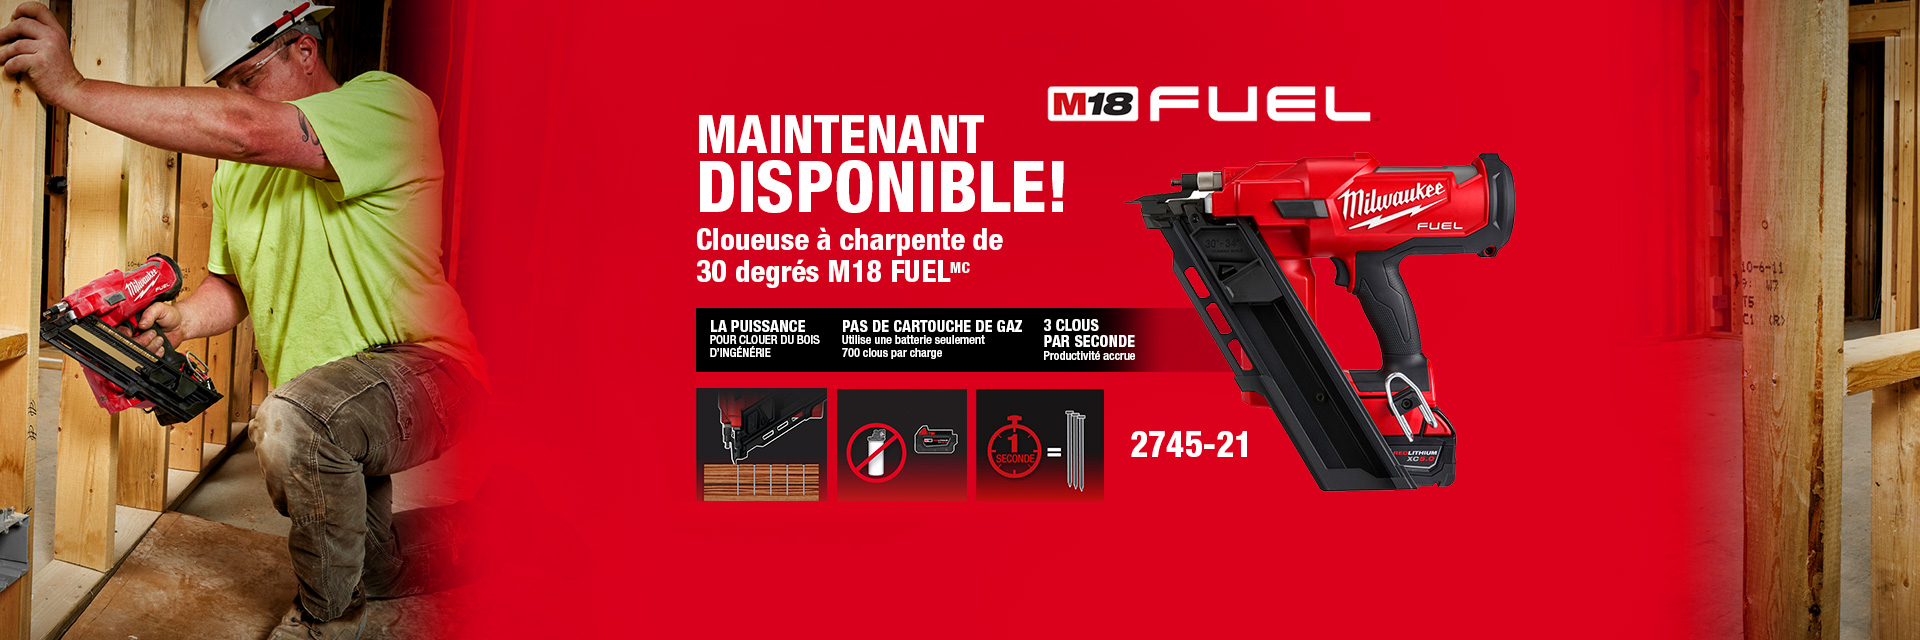 Maintenant disponible  - Cloueuse à charpente de 30 degrés  M18 Fuel -  2745-21